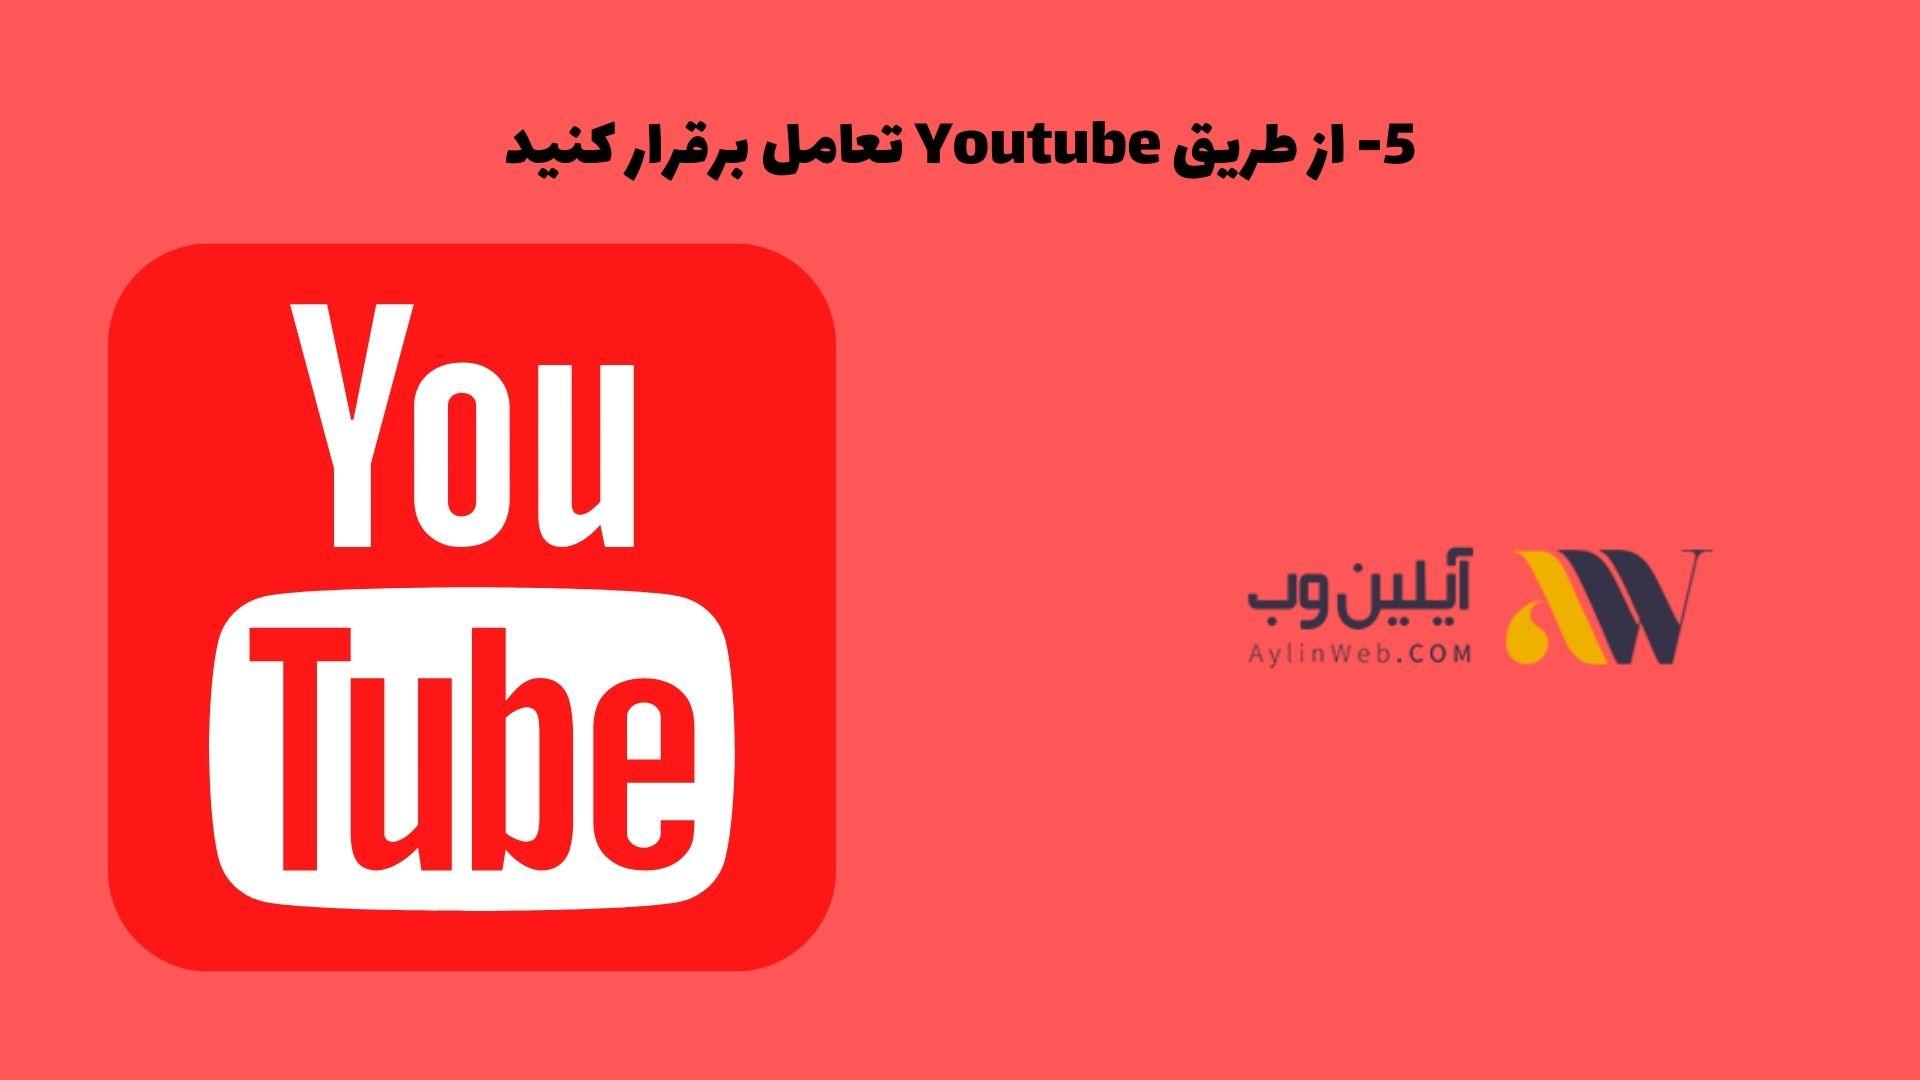 از طریق Youtube تعامل برقرار کنید